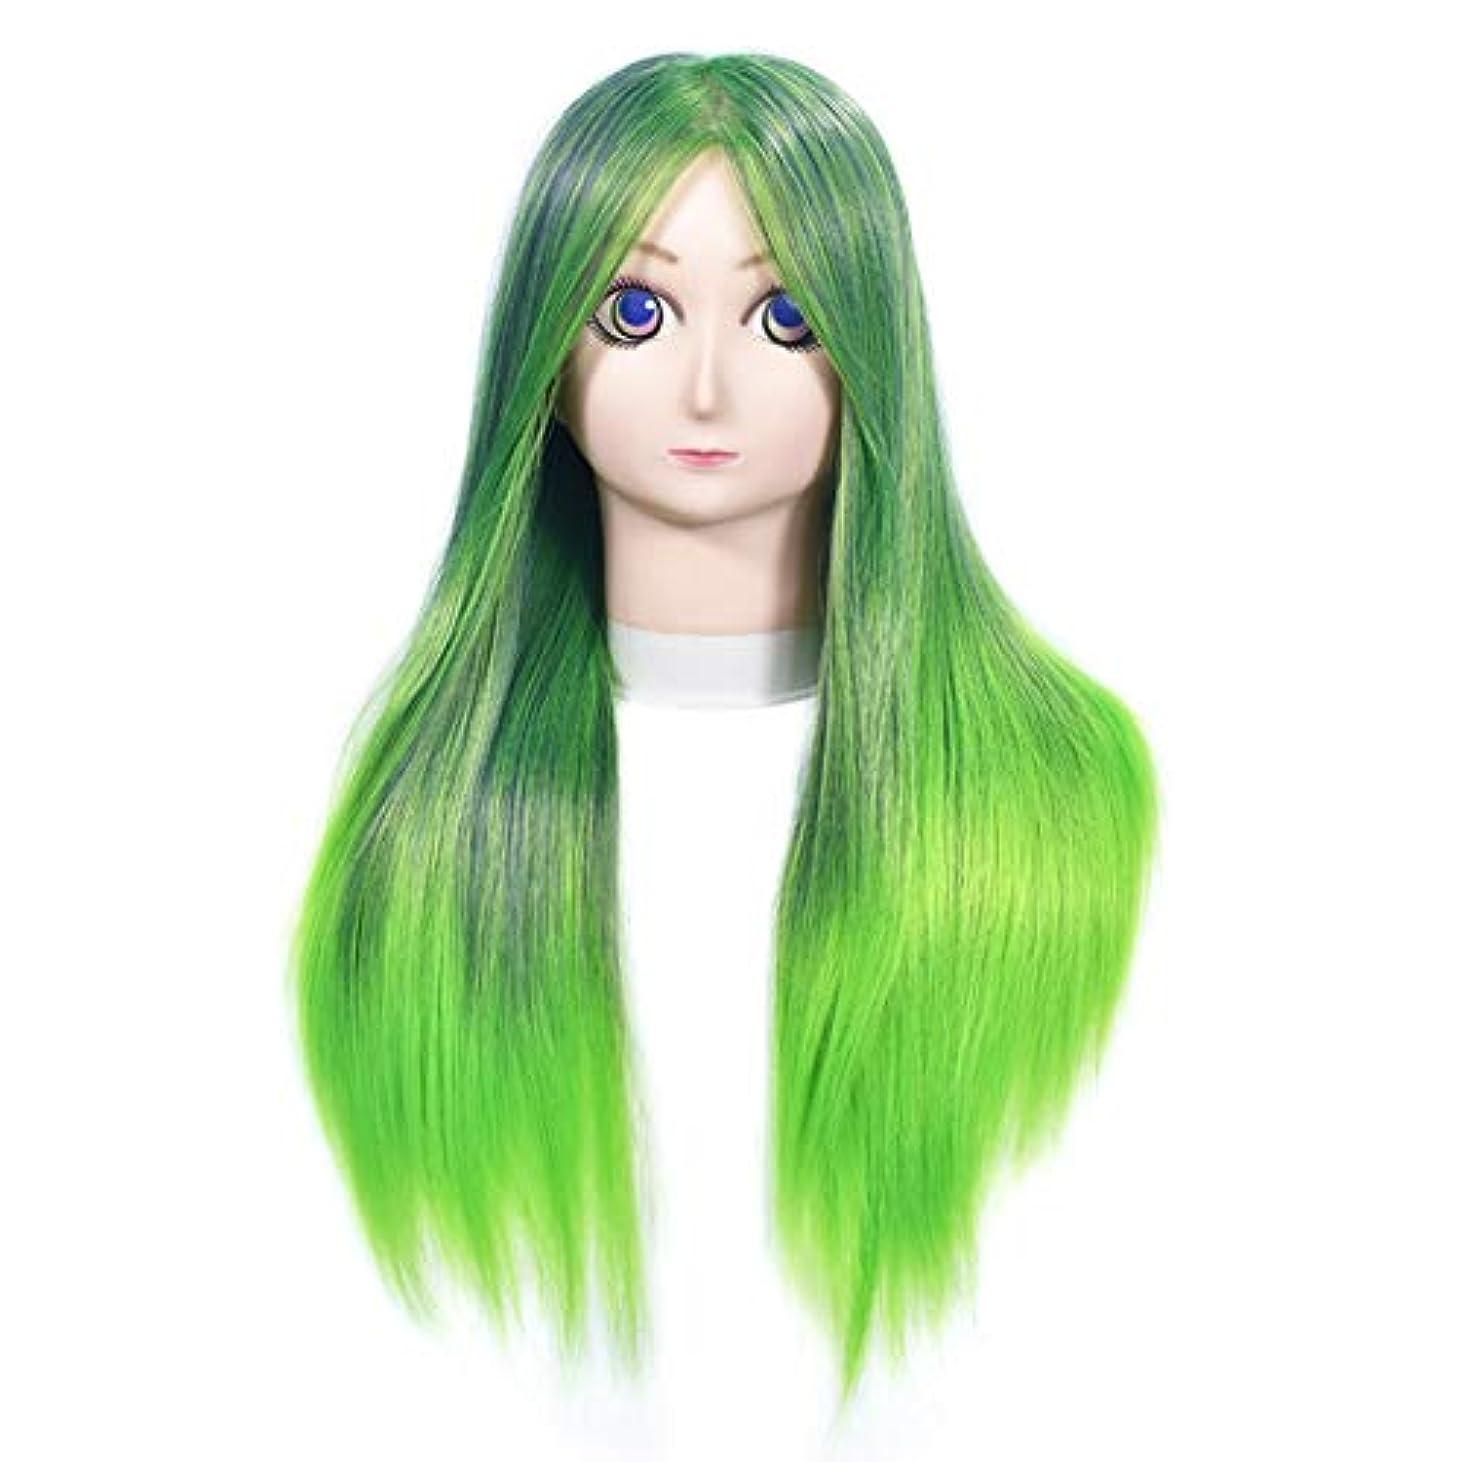 約設定開いた太陽高温シルクヘアスタイリングモデルヘッド女性モデルヘッドティーチングヘッド理髪店編組髪染め学習ダミーヘッド,gradientgreen